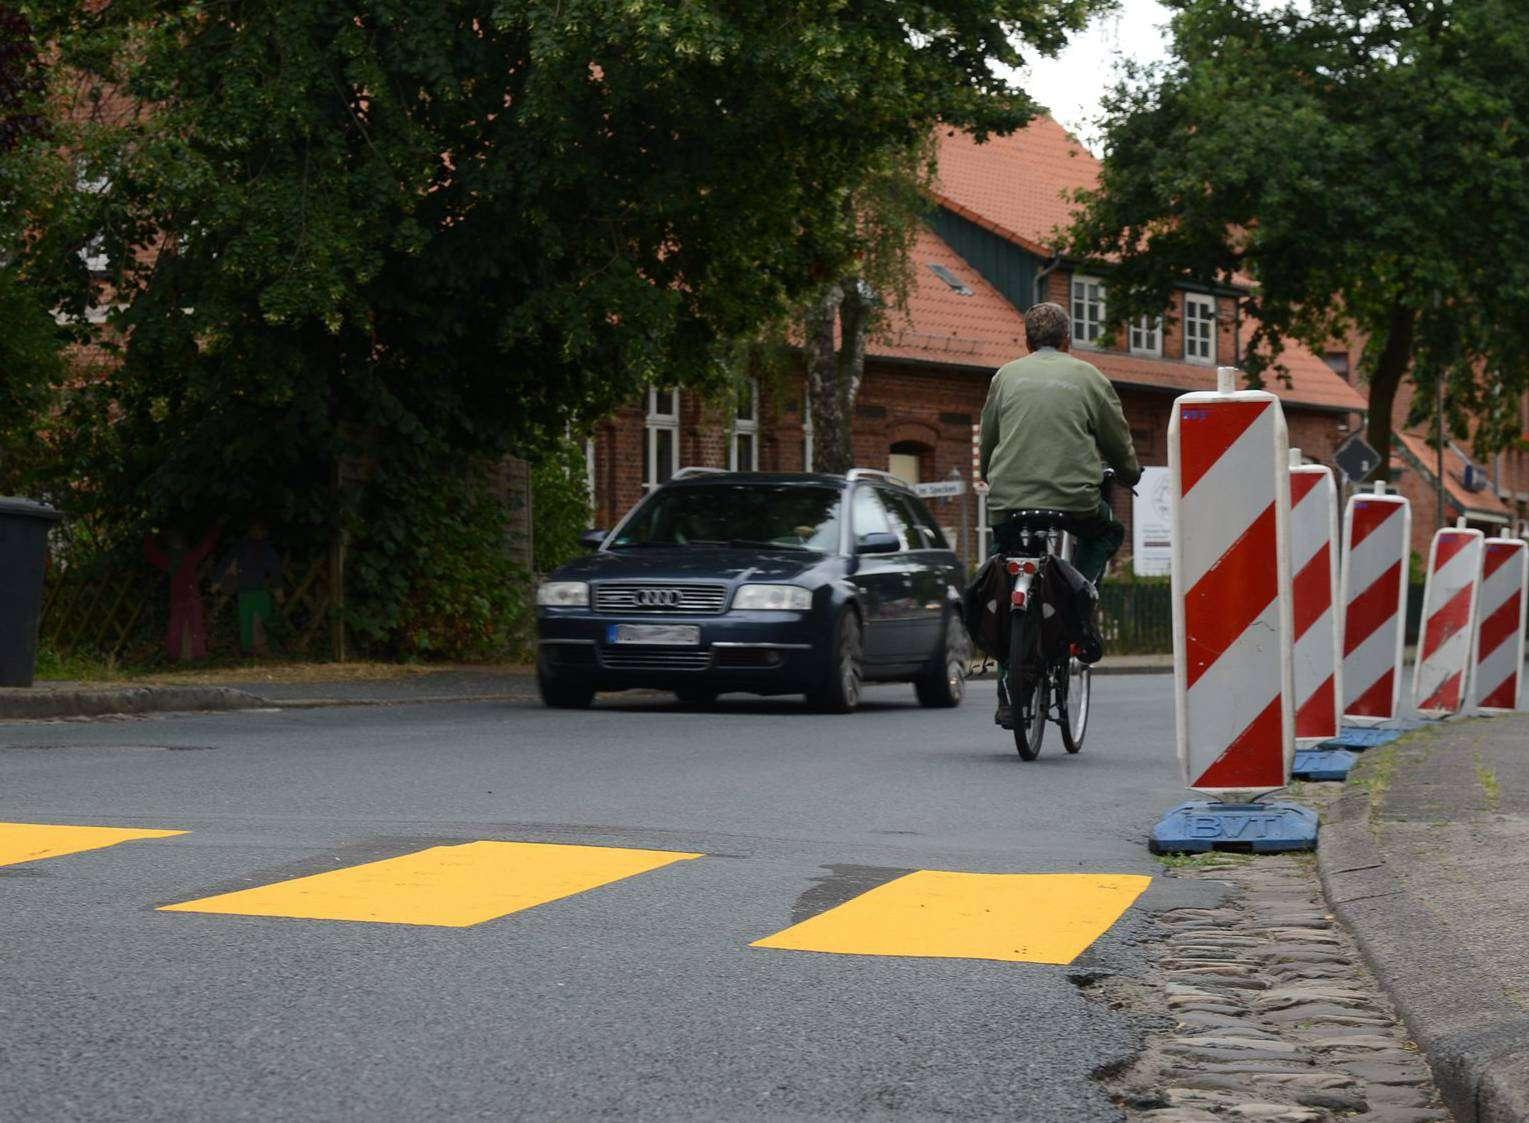 Die Hauptstraße bekommt eine neue Stromleitung. Aufgrund der Bauarbeiten gibt es dort nun vorübergehend einen Zebrastreifen.